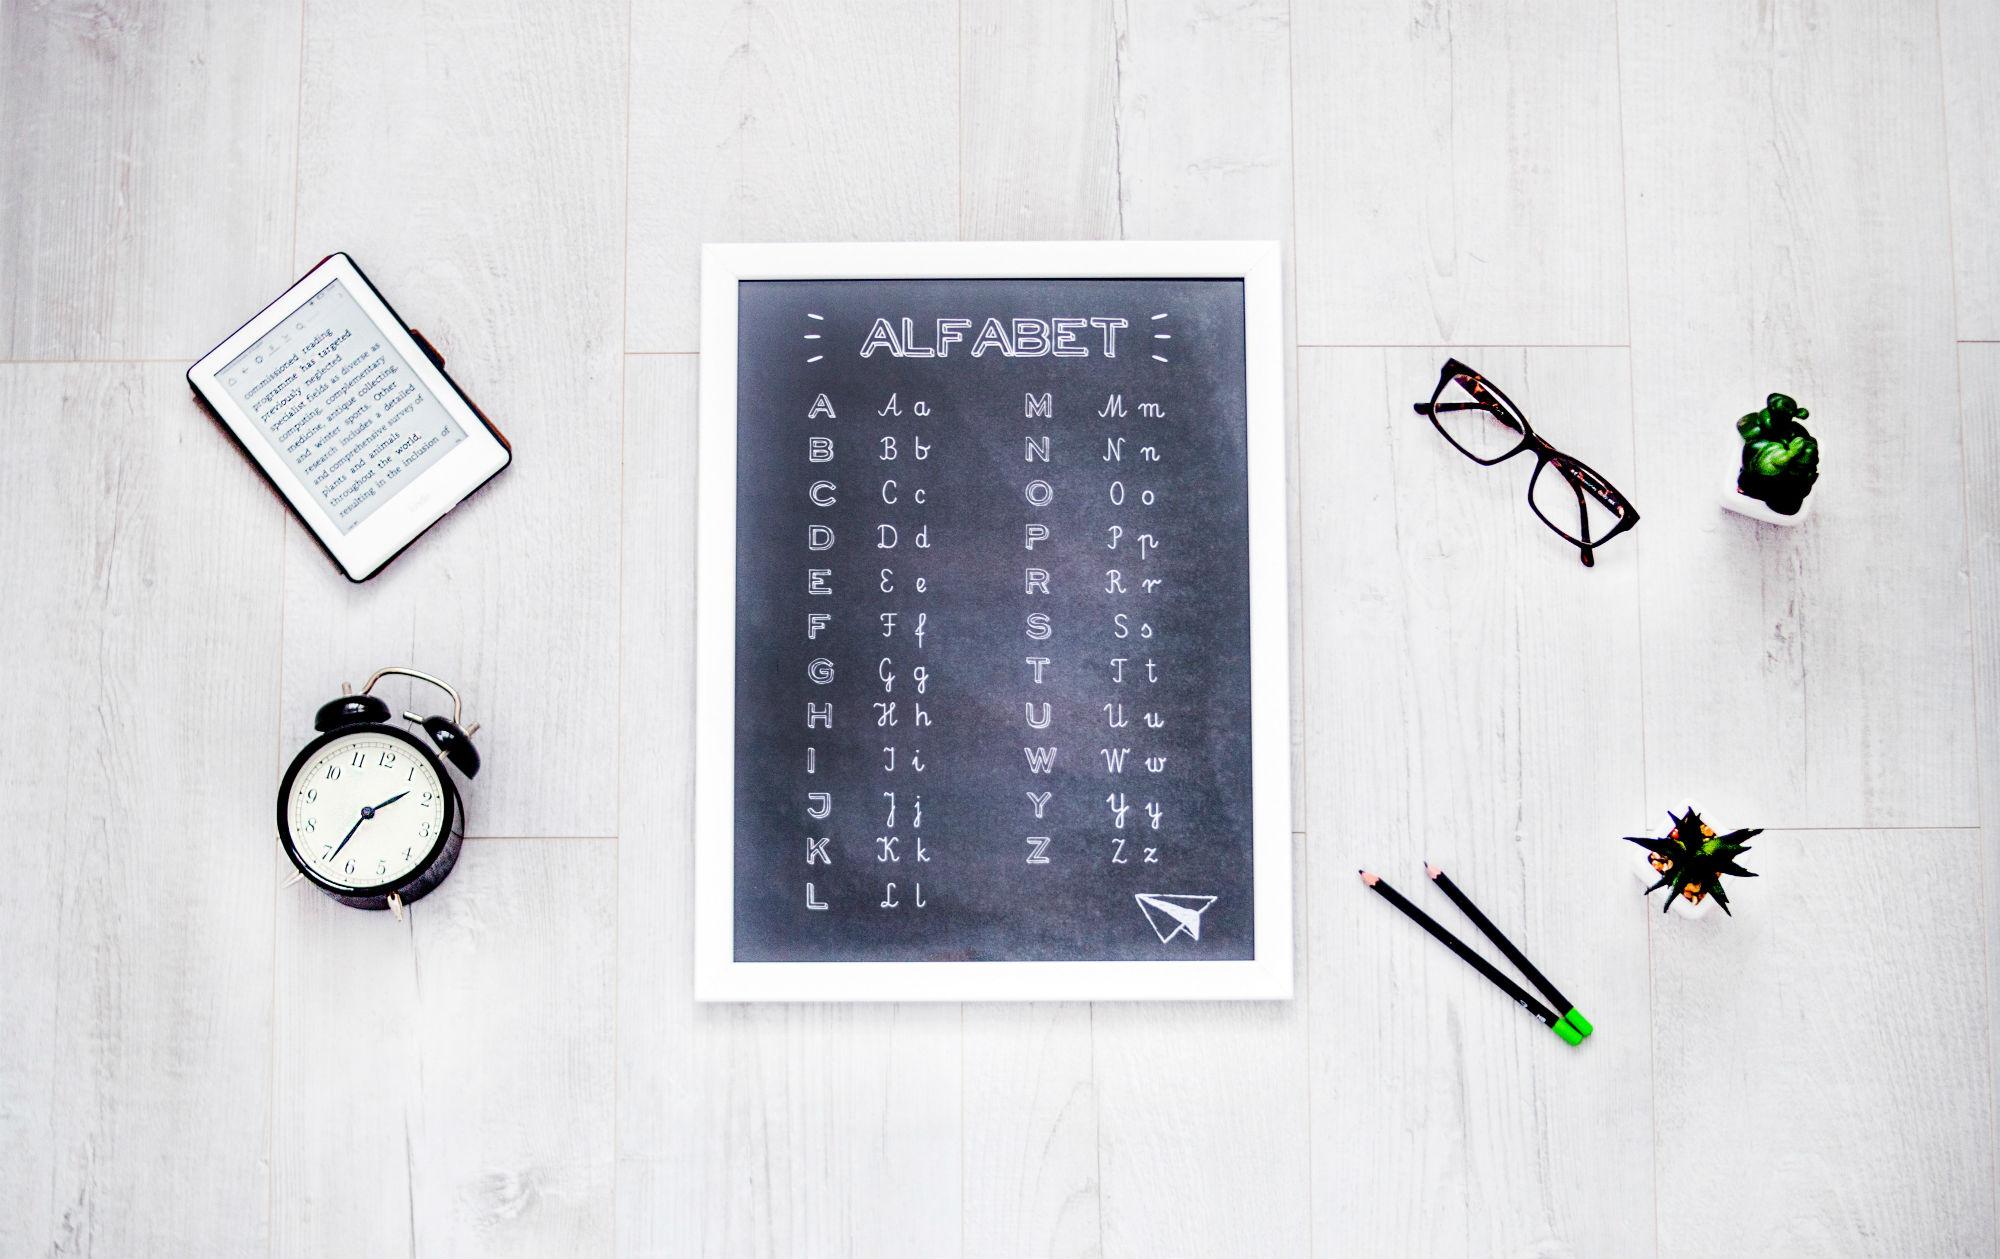 L'alphabet En Anglais : Lettres, Prononciation Et Astuces concernant Chanson Des Chiffres En Français